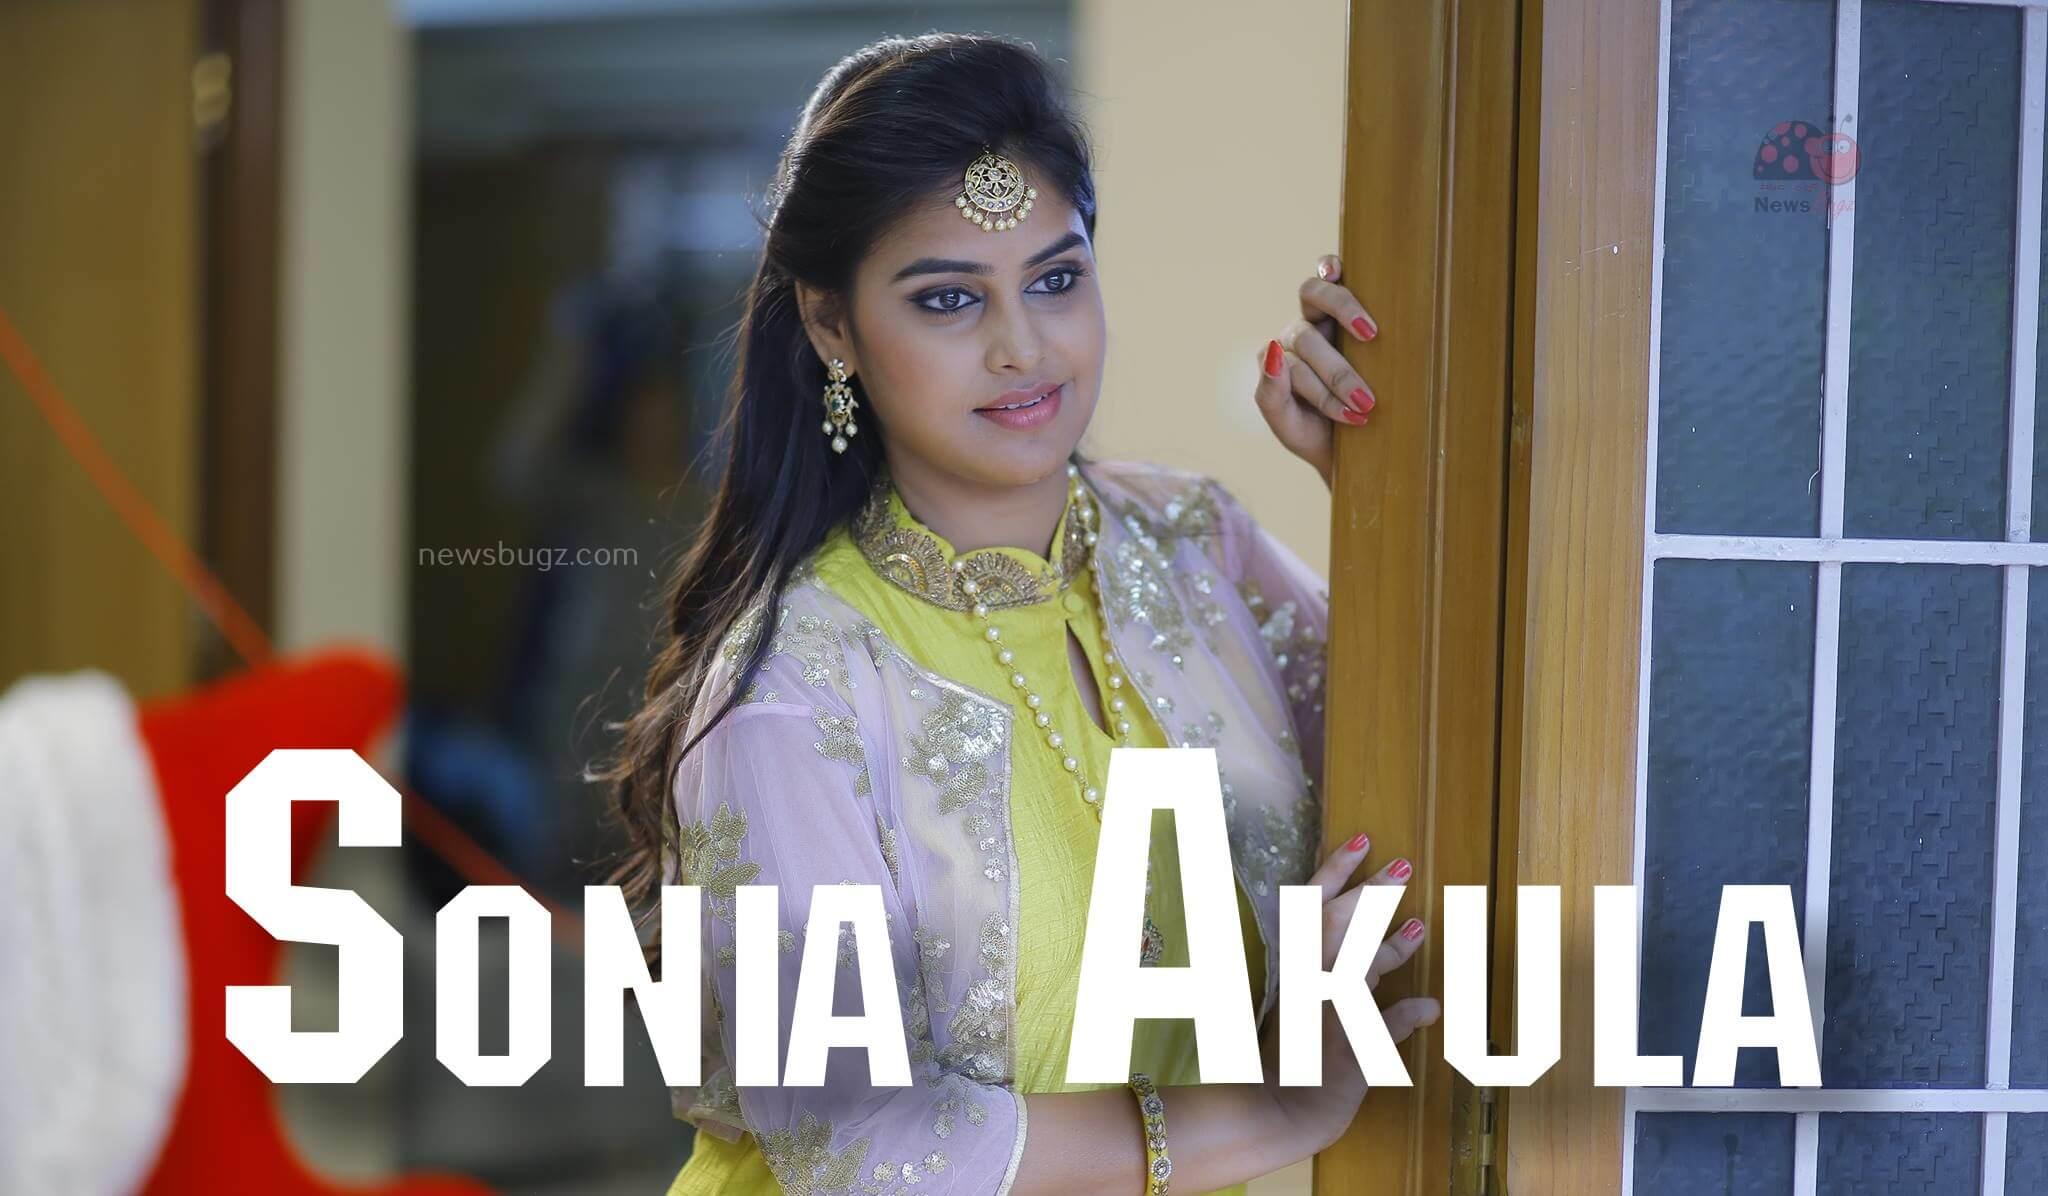 Sonia Akula